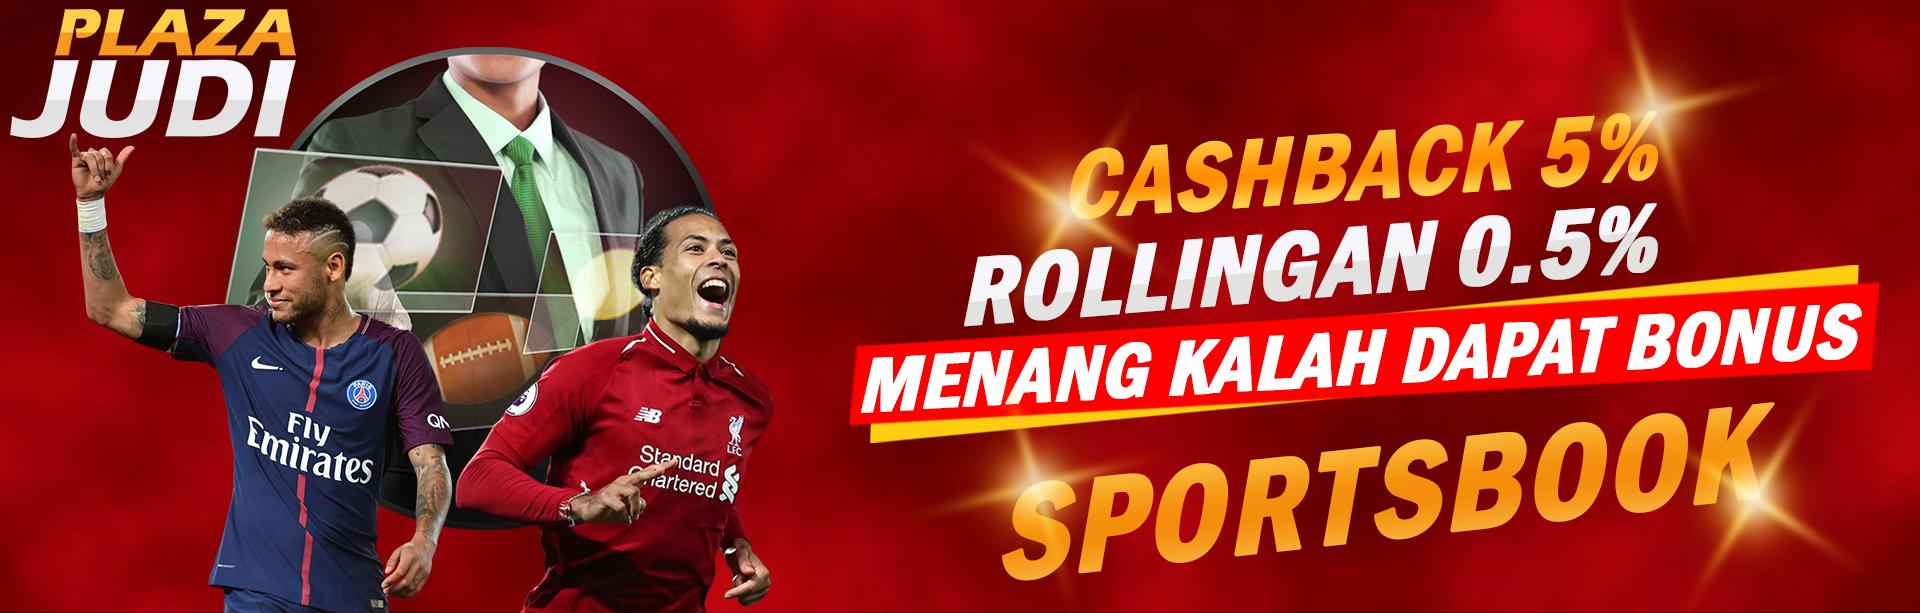 sportsbook-banner